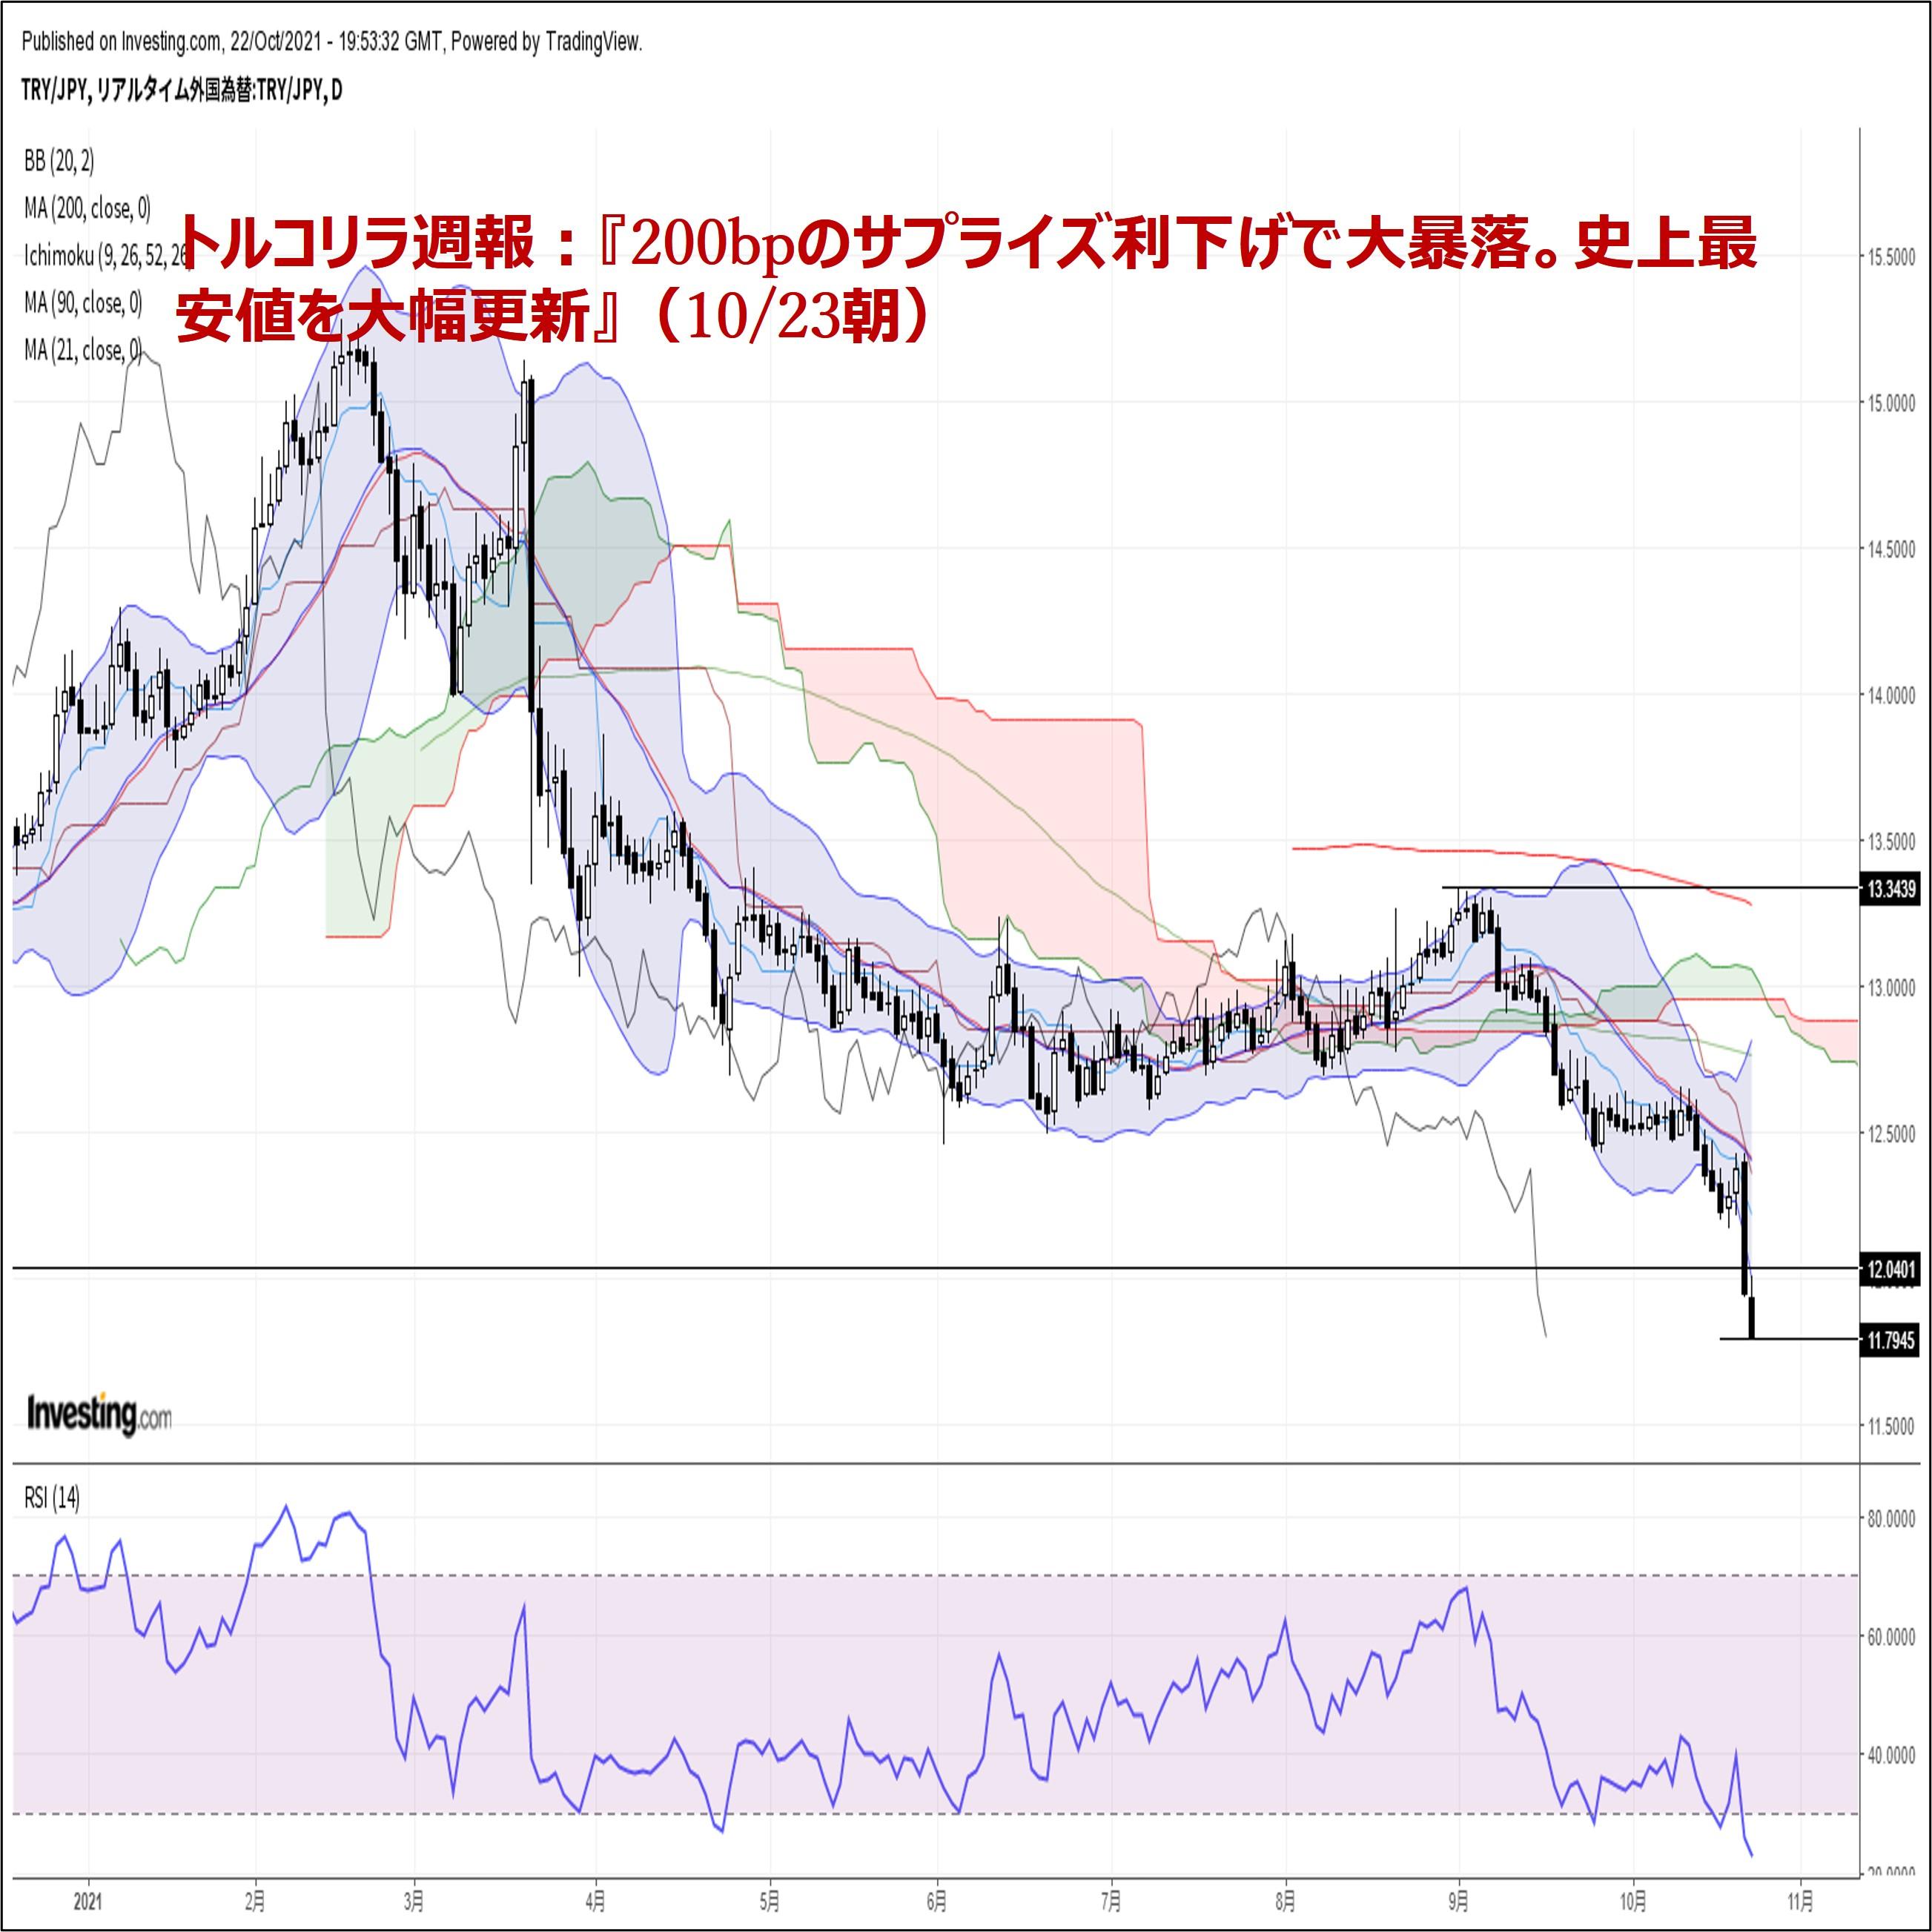 トルコリラ週報:『200bpのサプライズ利下げで大暴落。史上最安値を大幅更新』(10/23朝)